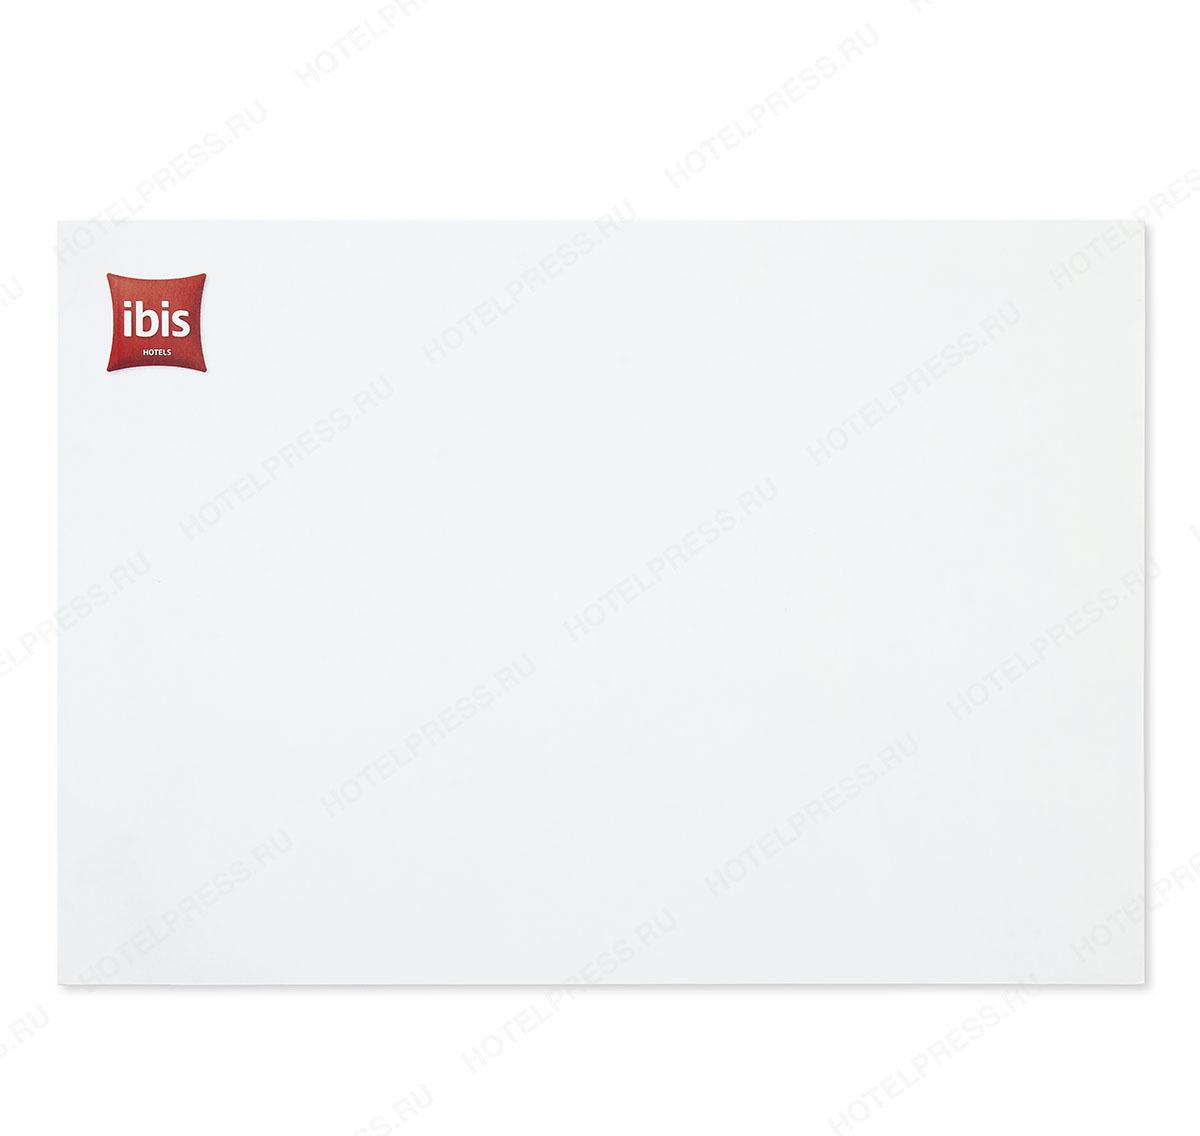 Фирменный конверт С4 со стриплентой отеля Ibis